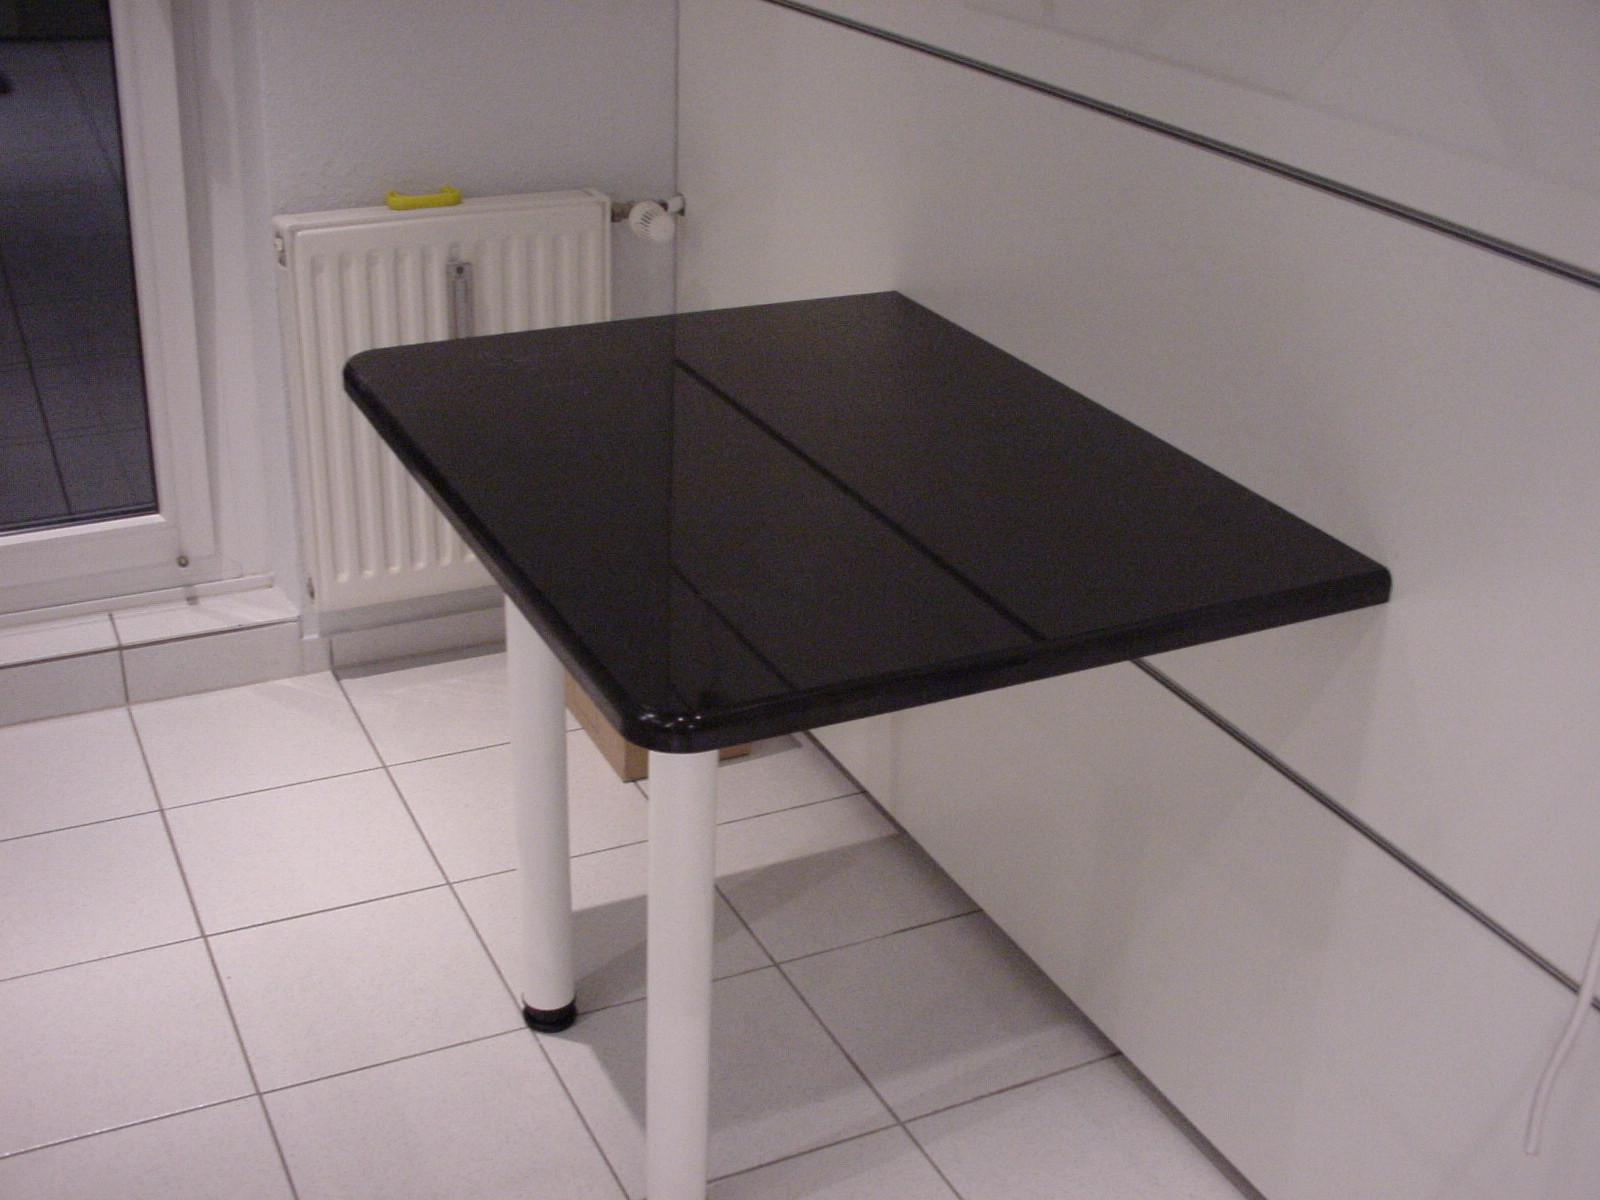 herbert tisch bilder news infos aus dem web. Black Bedroom Furniture Sets. Home Design Ideas